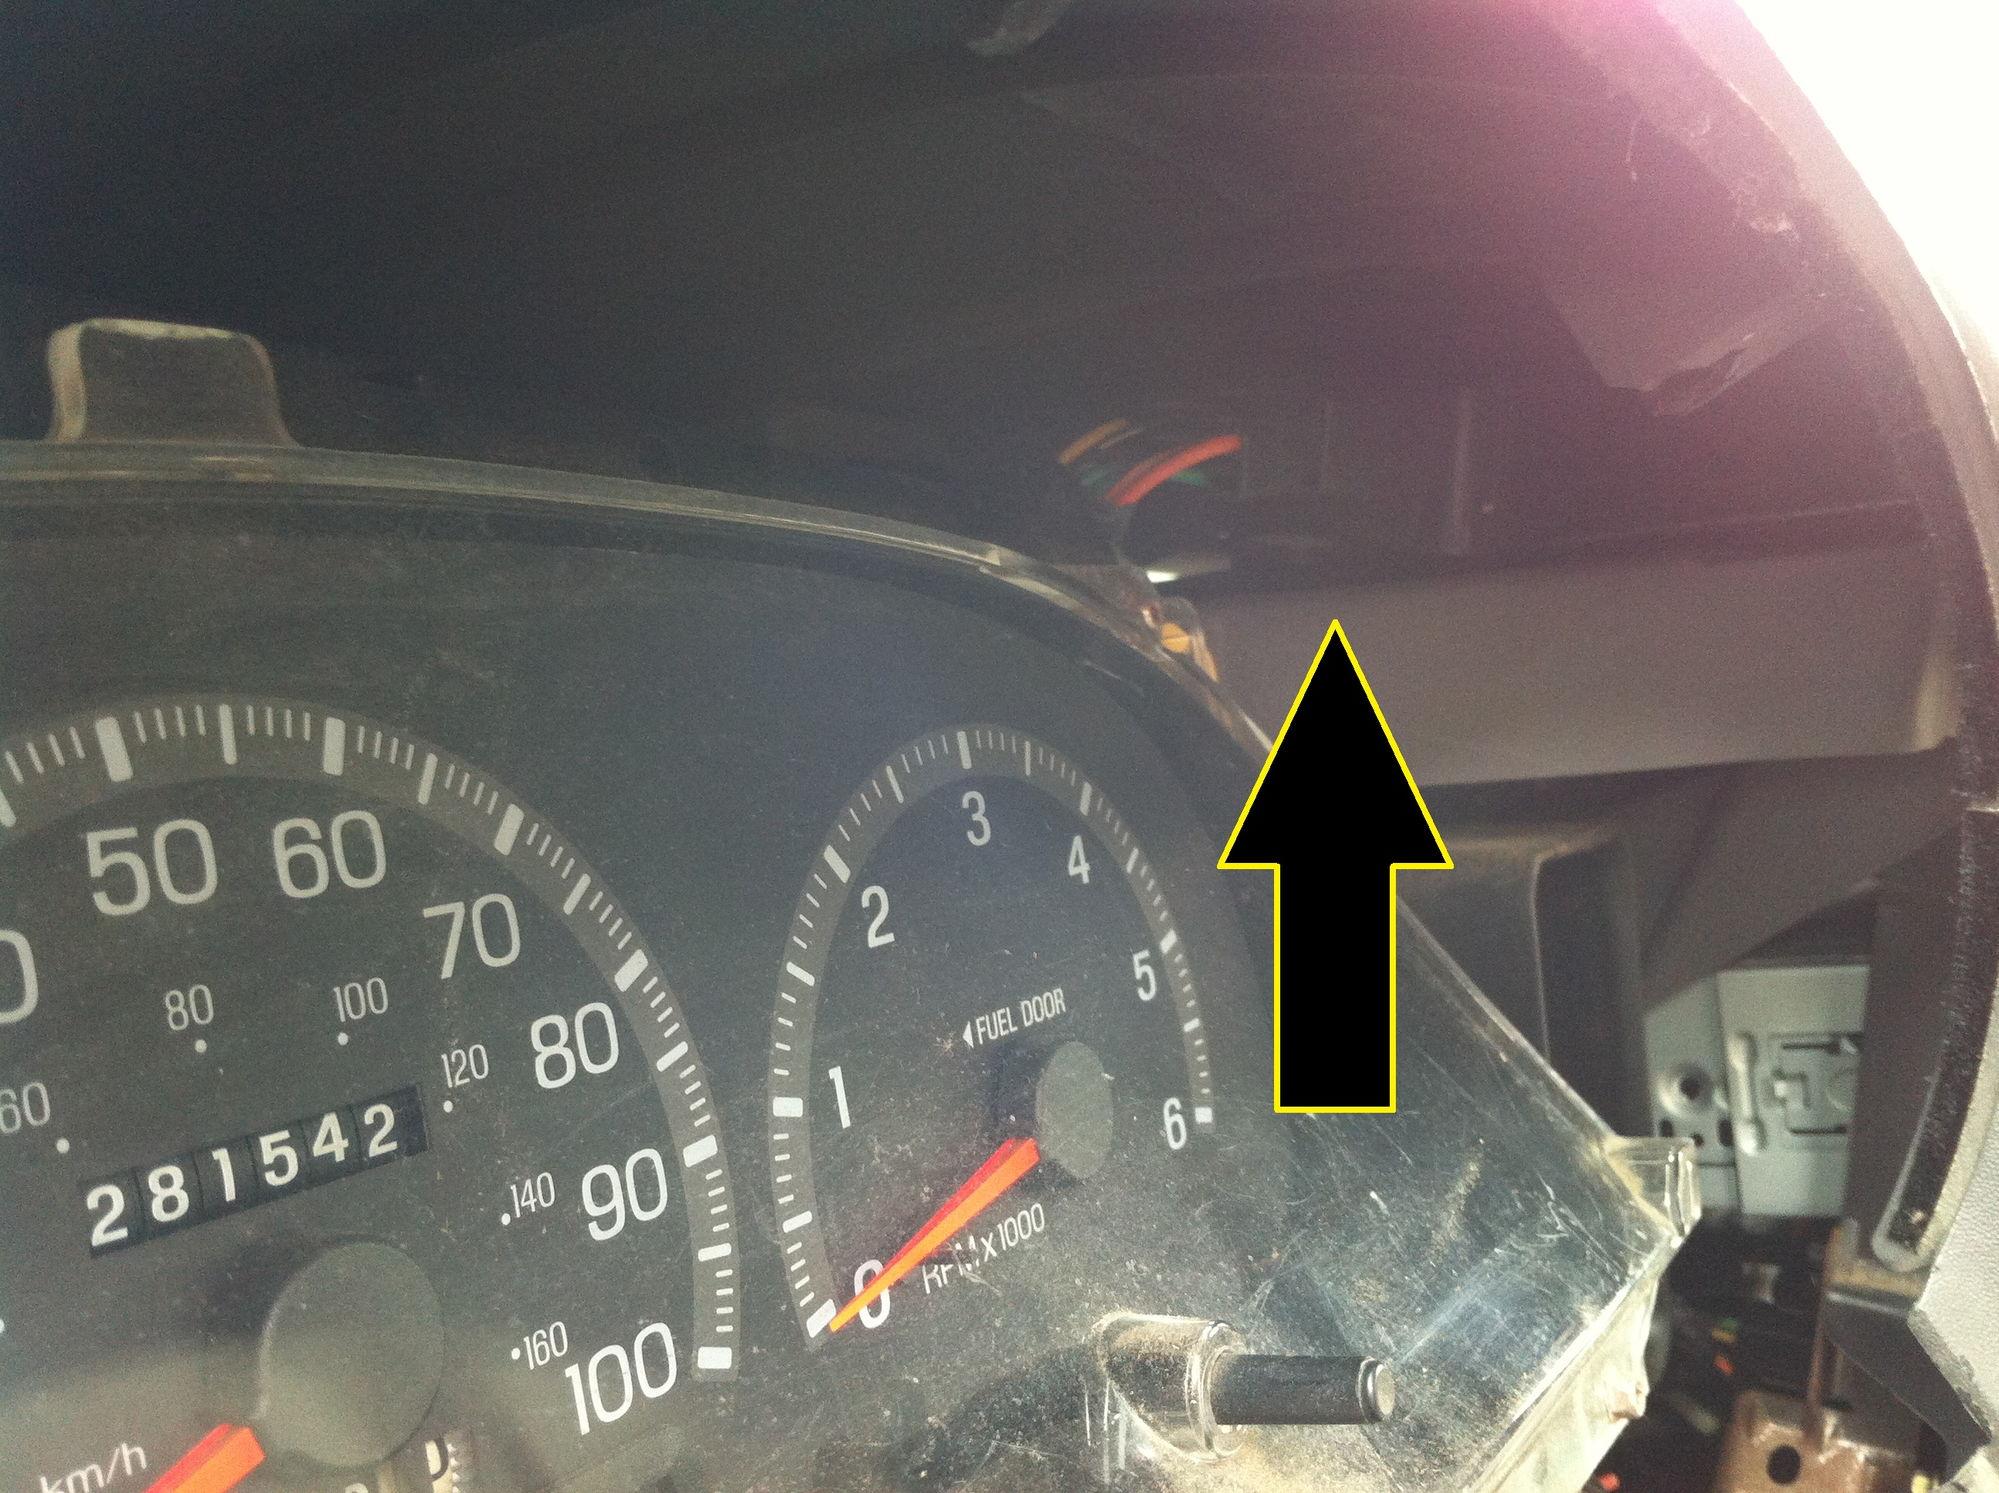 98 f150 4wd wiring diagram ezgo txt gas transfer case shift relay module location ford truck